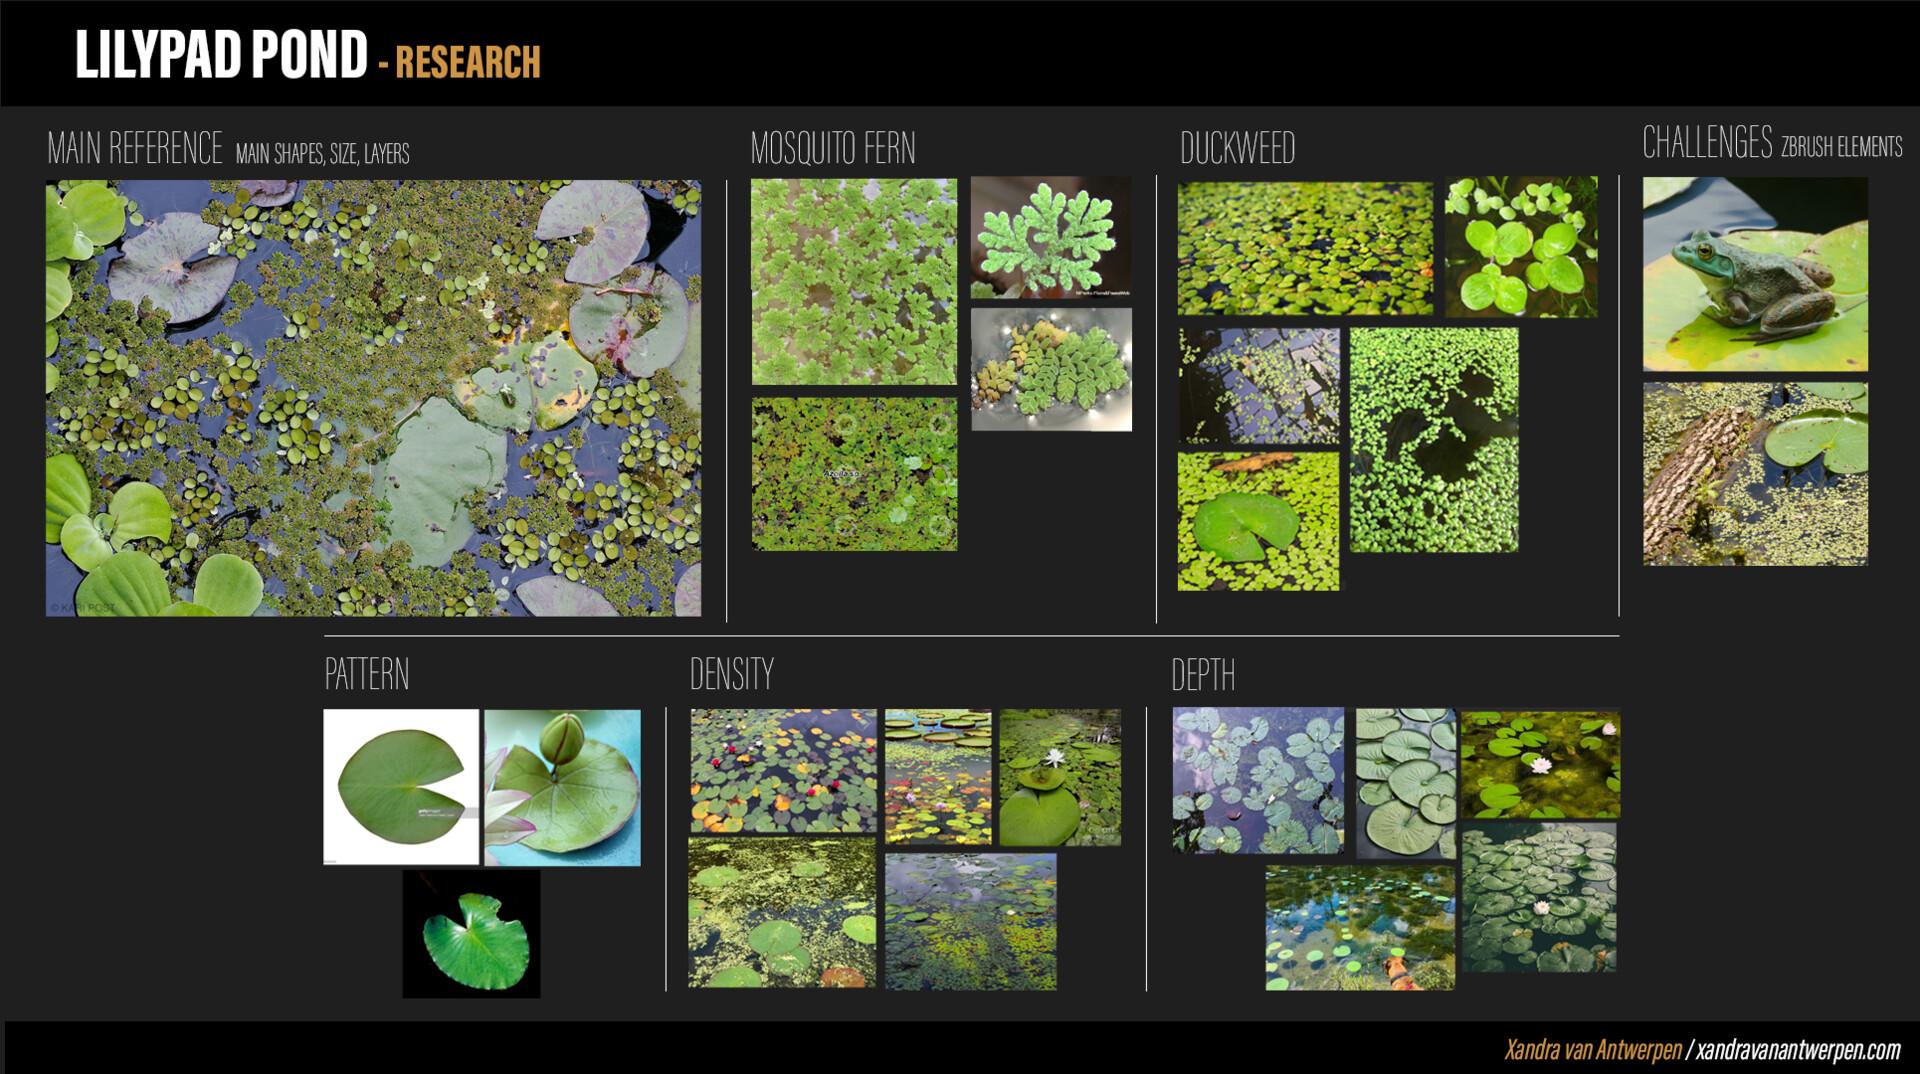 Xandra van antwerpen lilypx pond research